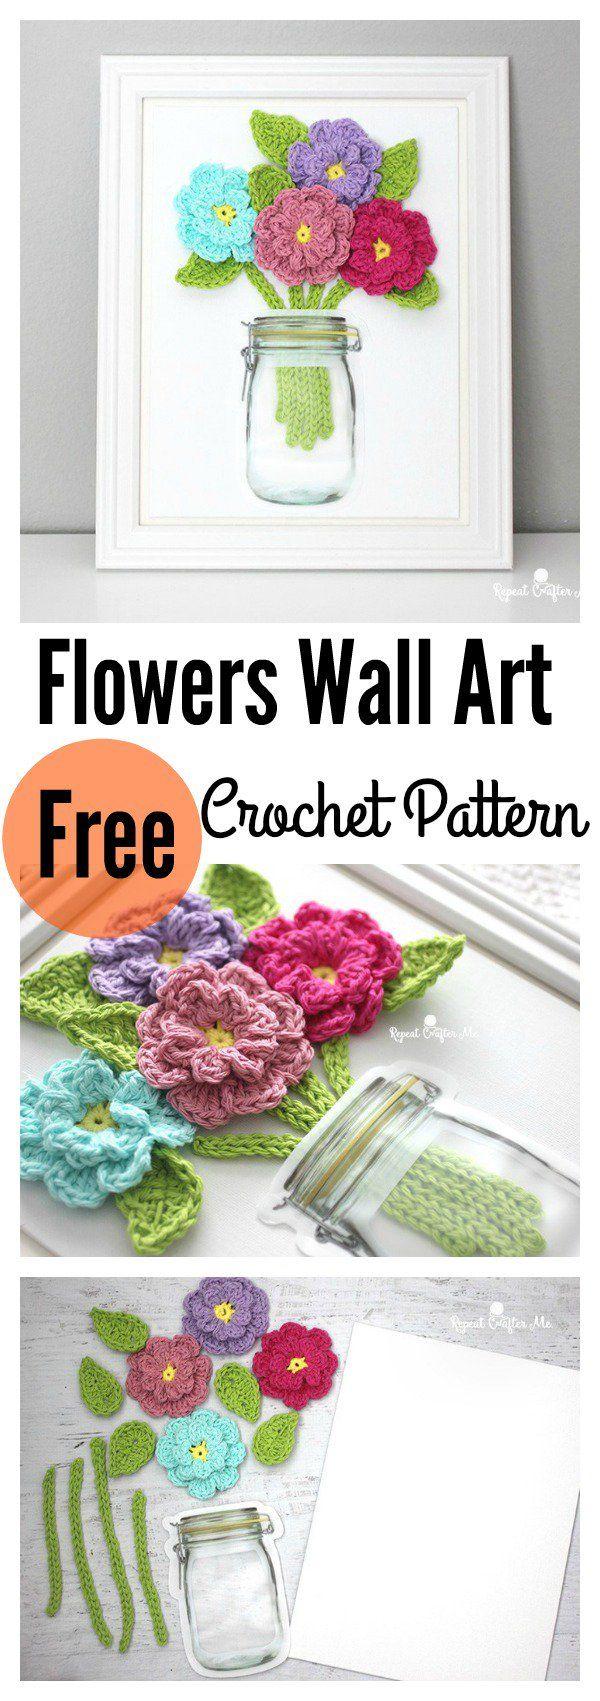 Crochet Flowers on Canvas Wall Art Free Pattern